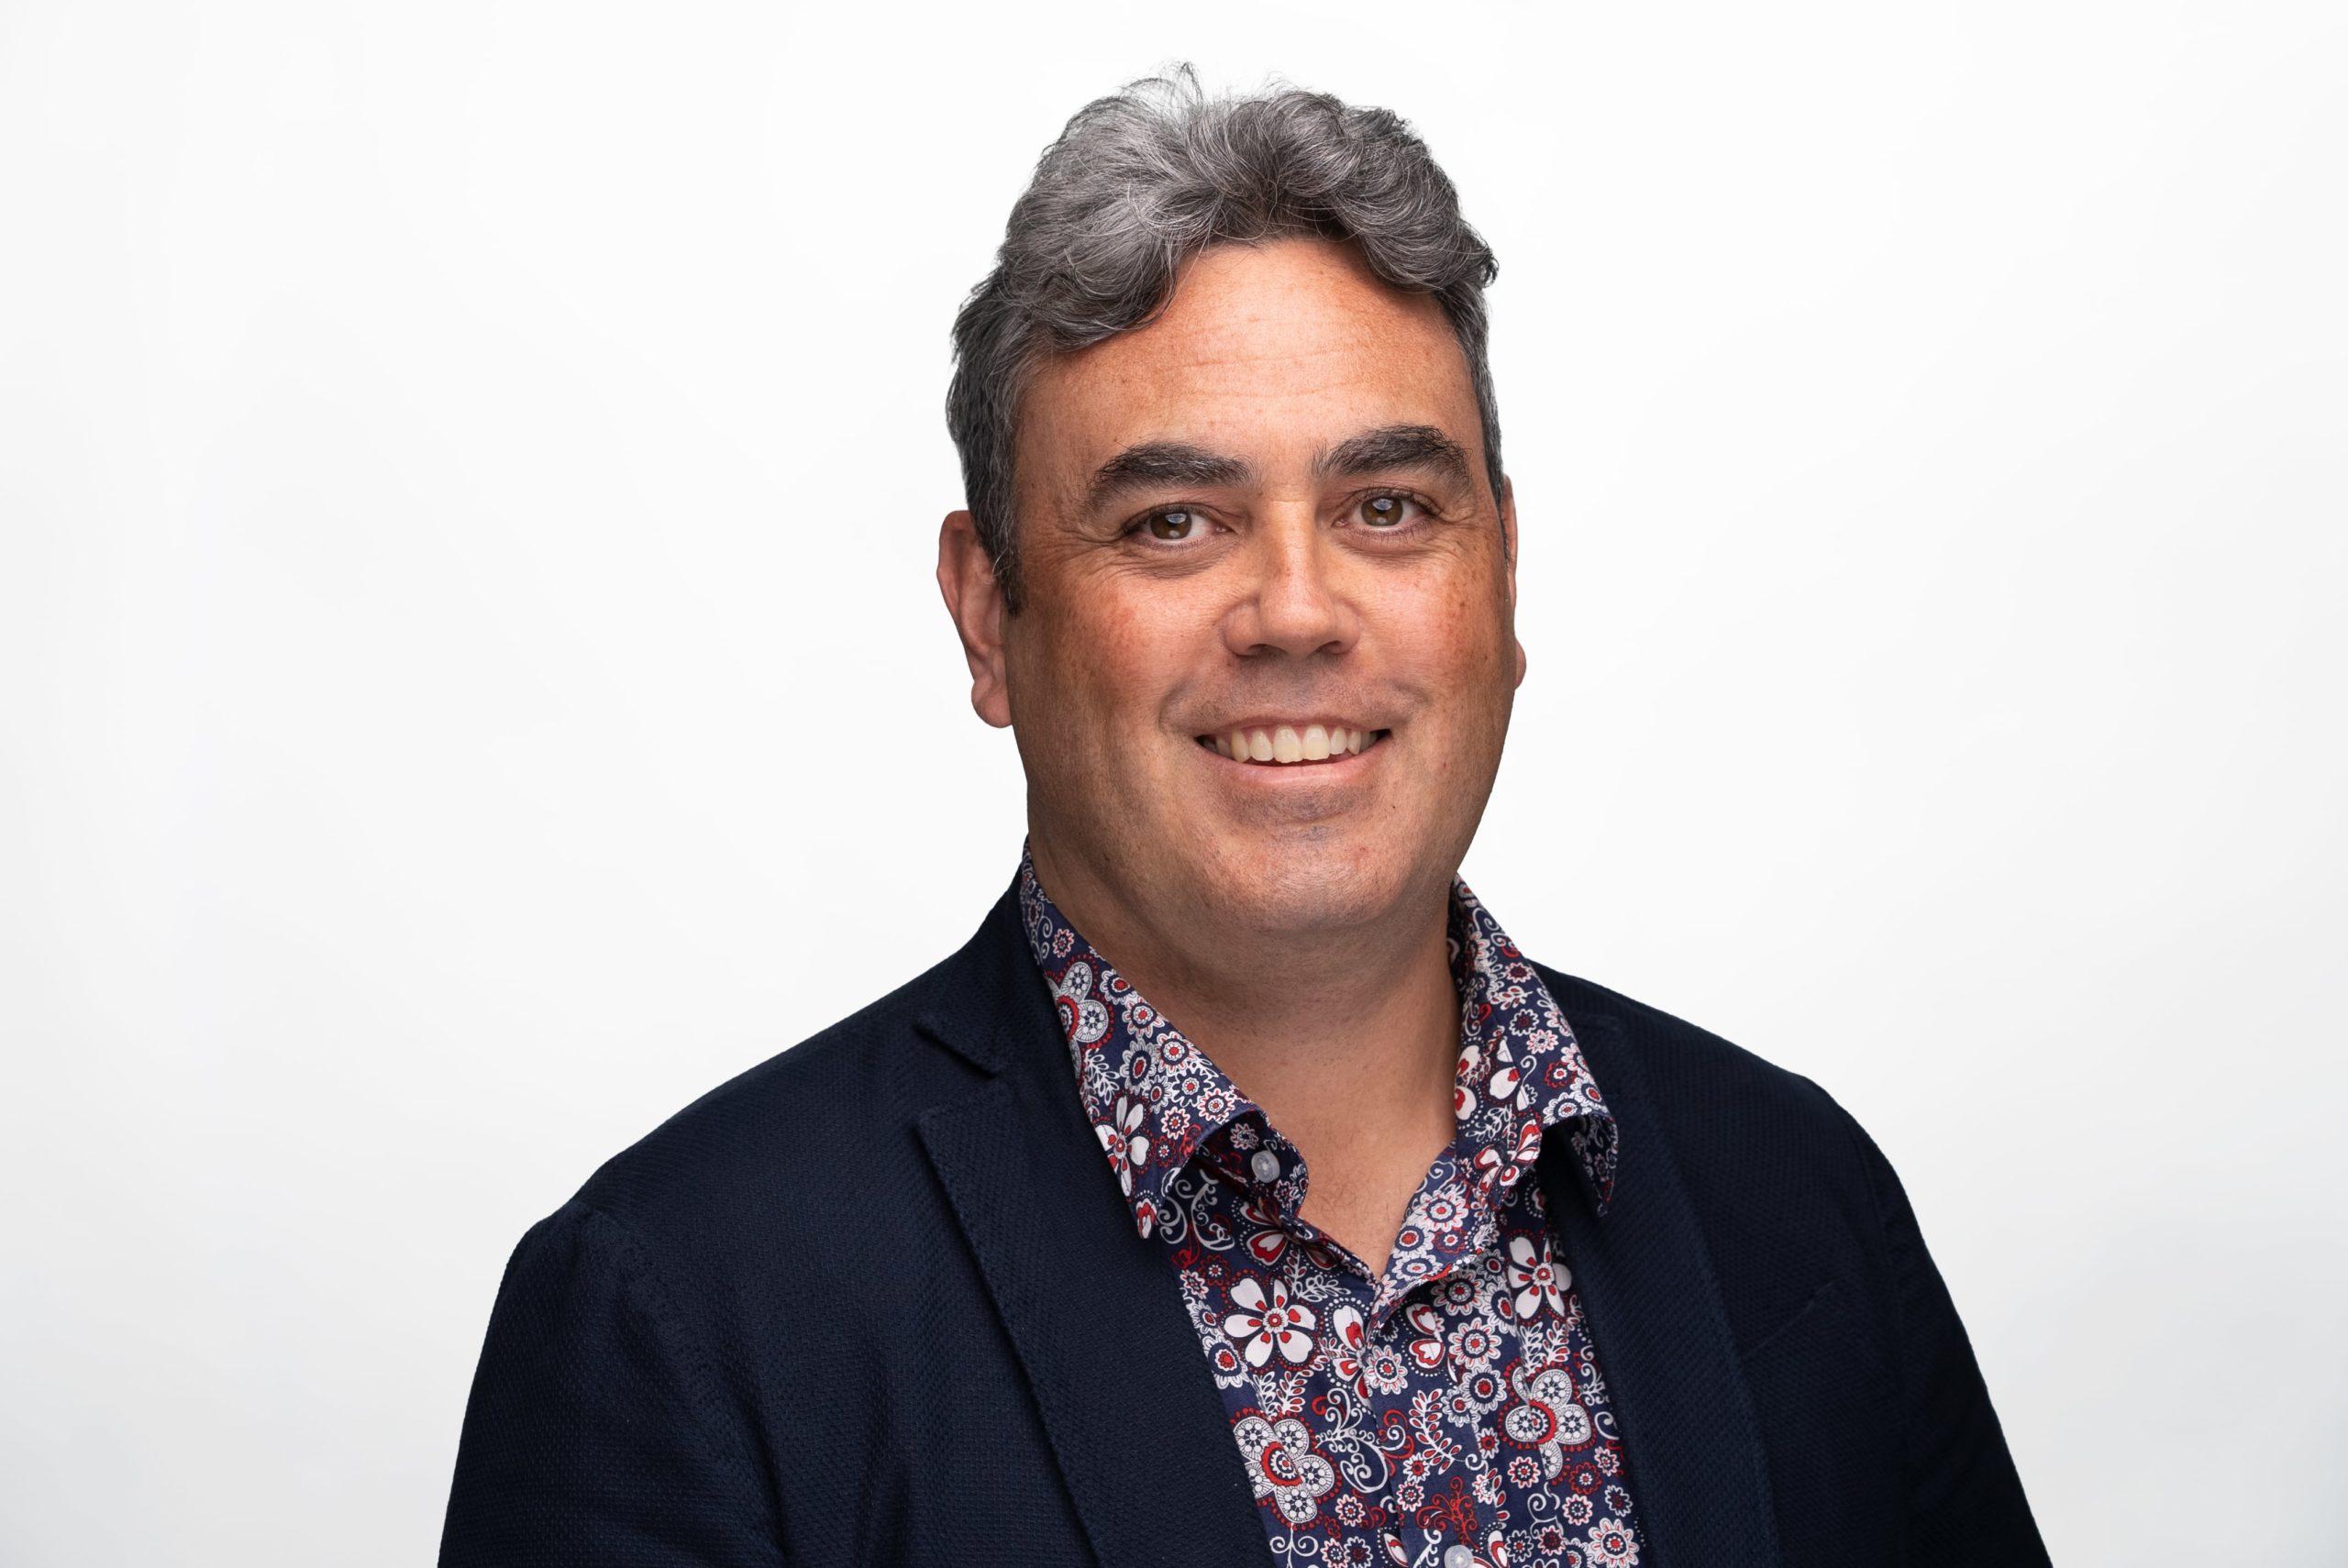 Joseph McReady, Landscape Architecture & Project Management Team Leader